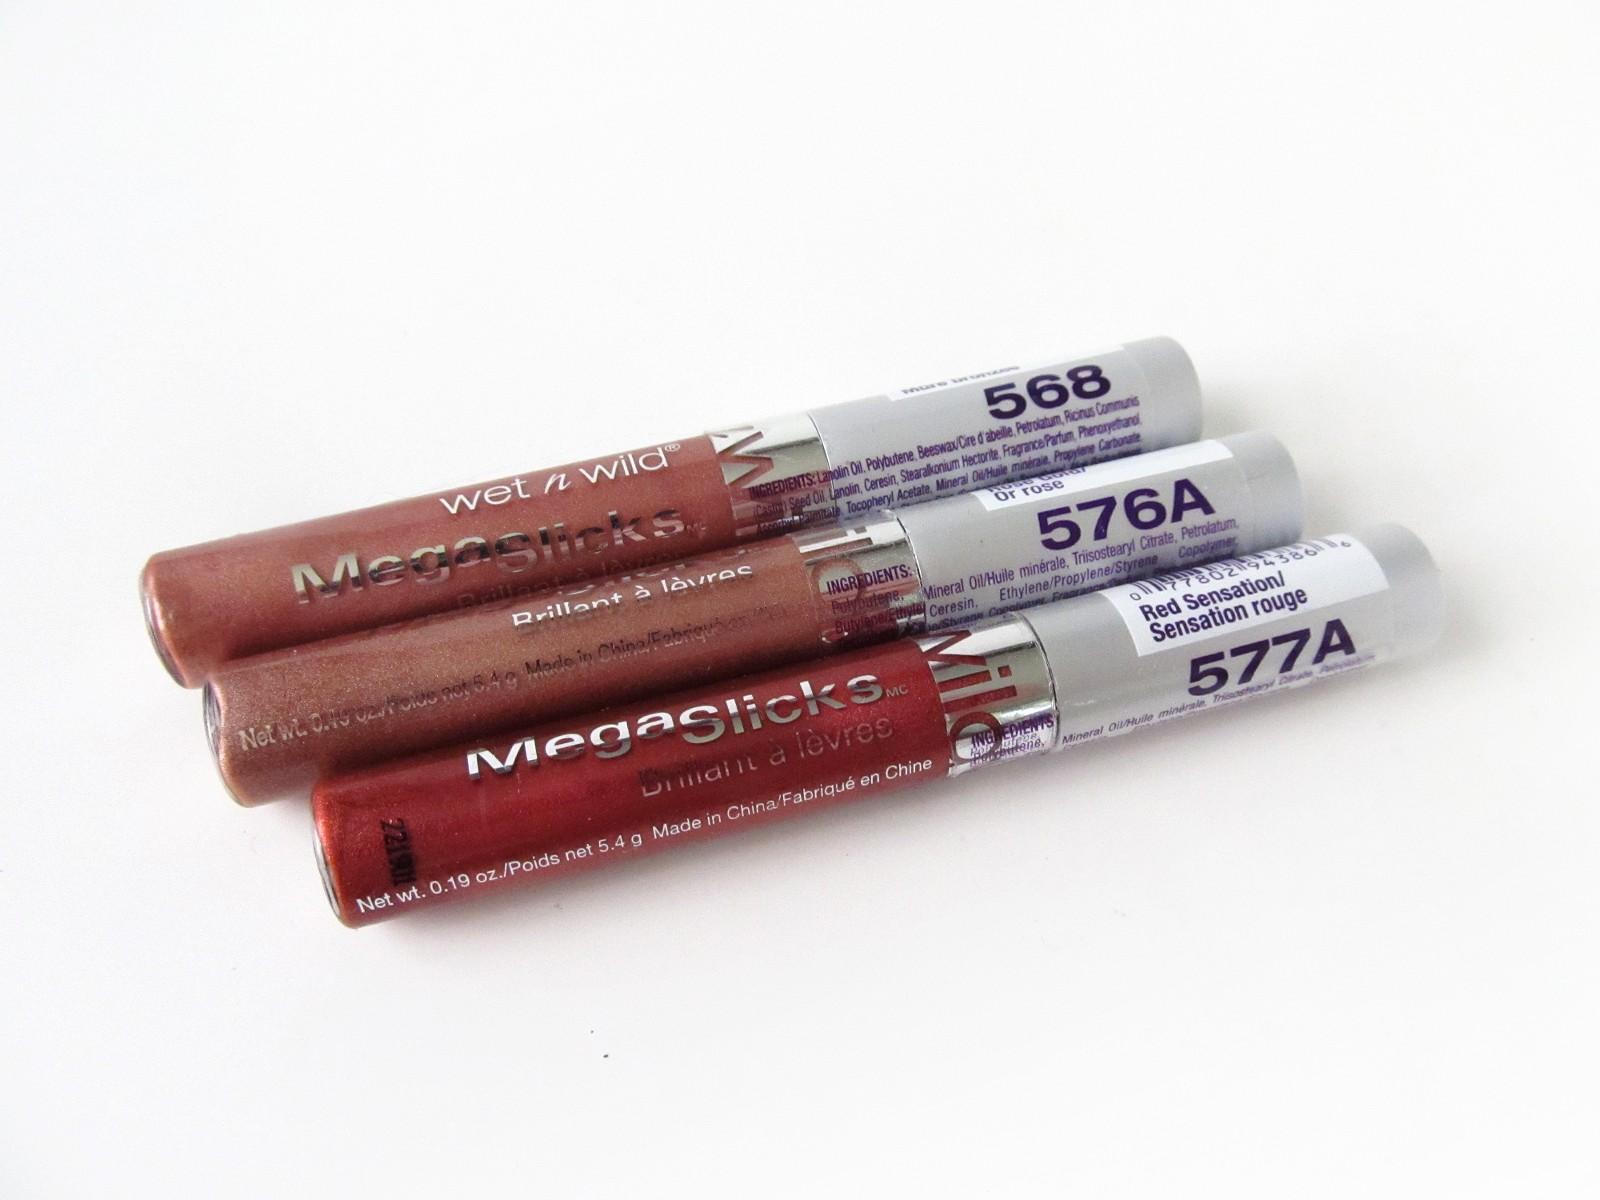 Wet N Wild Megaslicks Lip Gloss Review Makeupfu